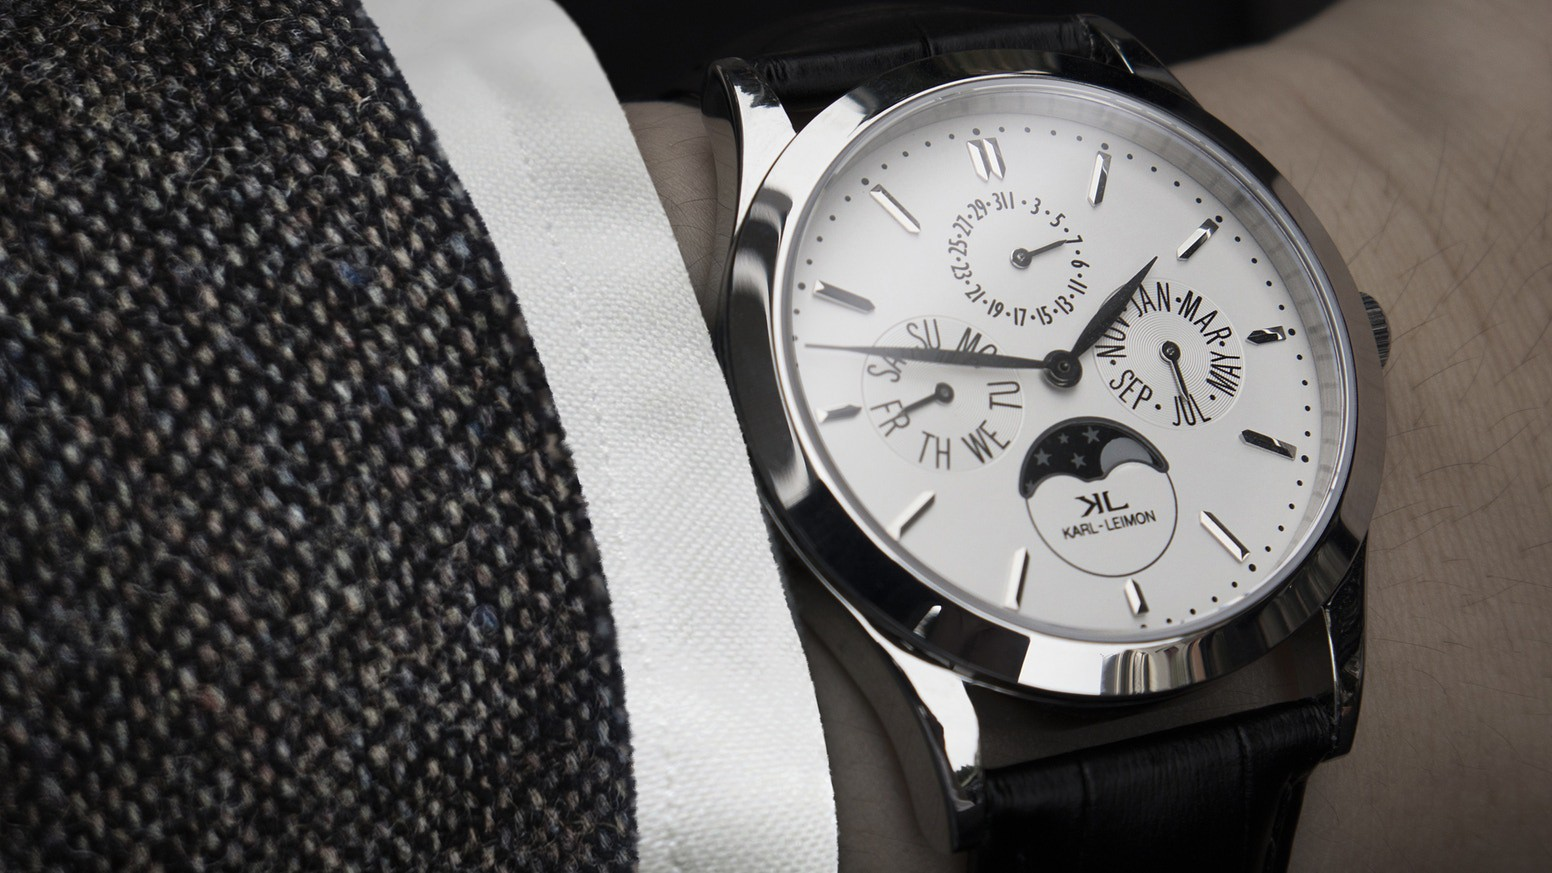 Karl Leimon Watches